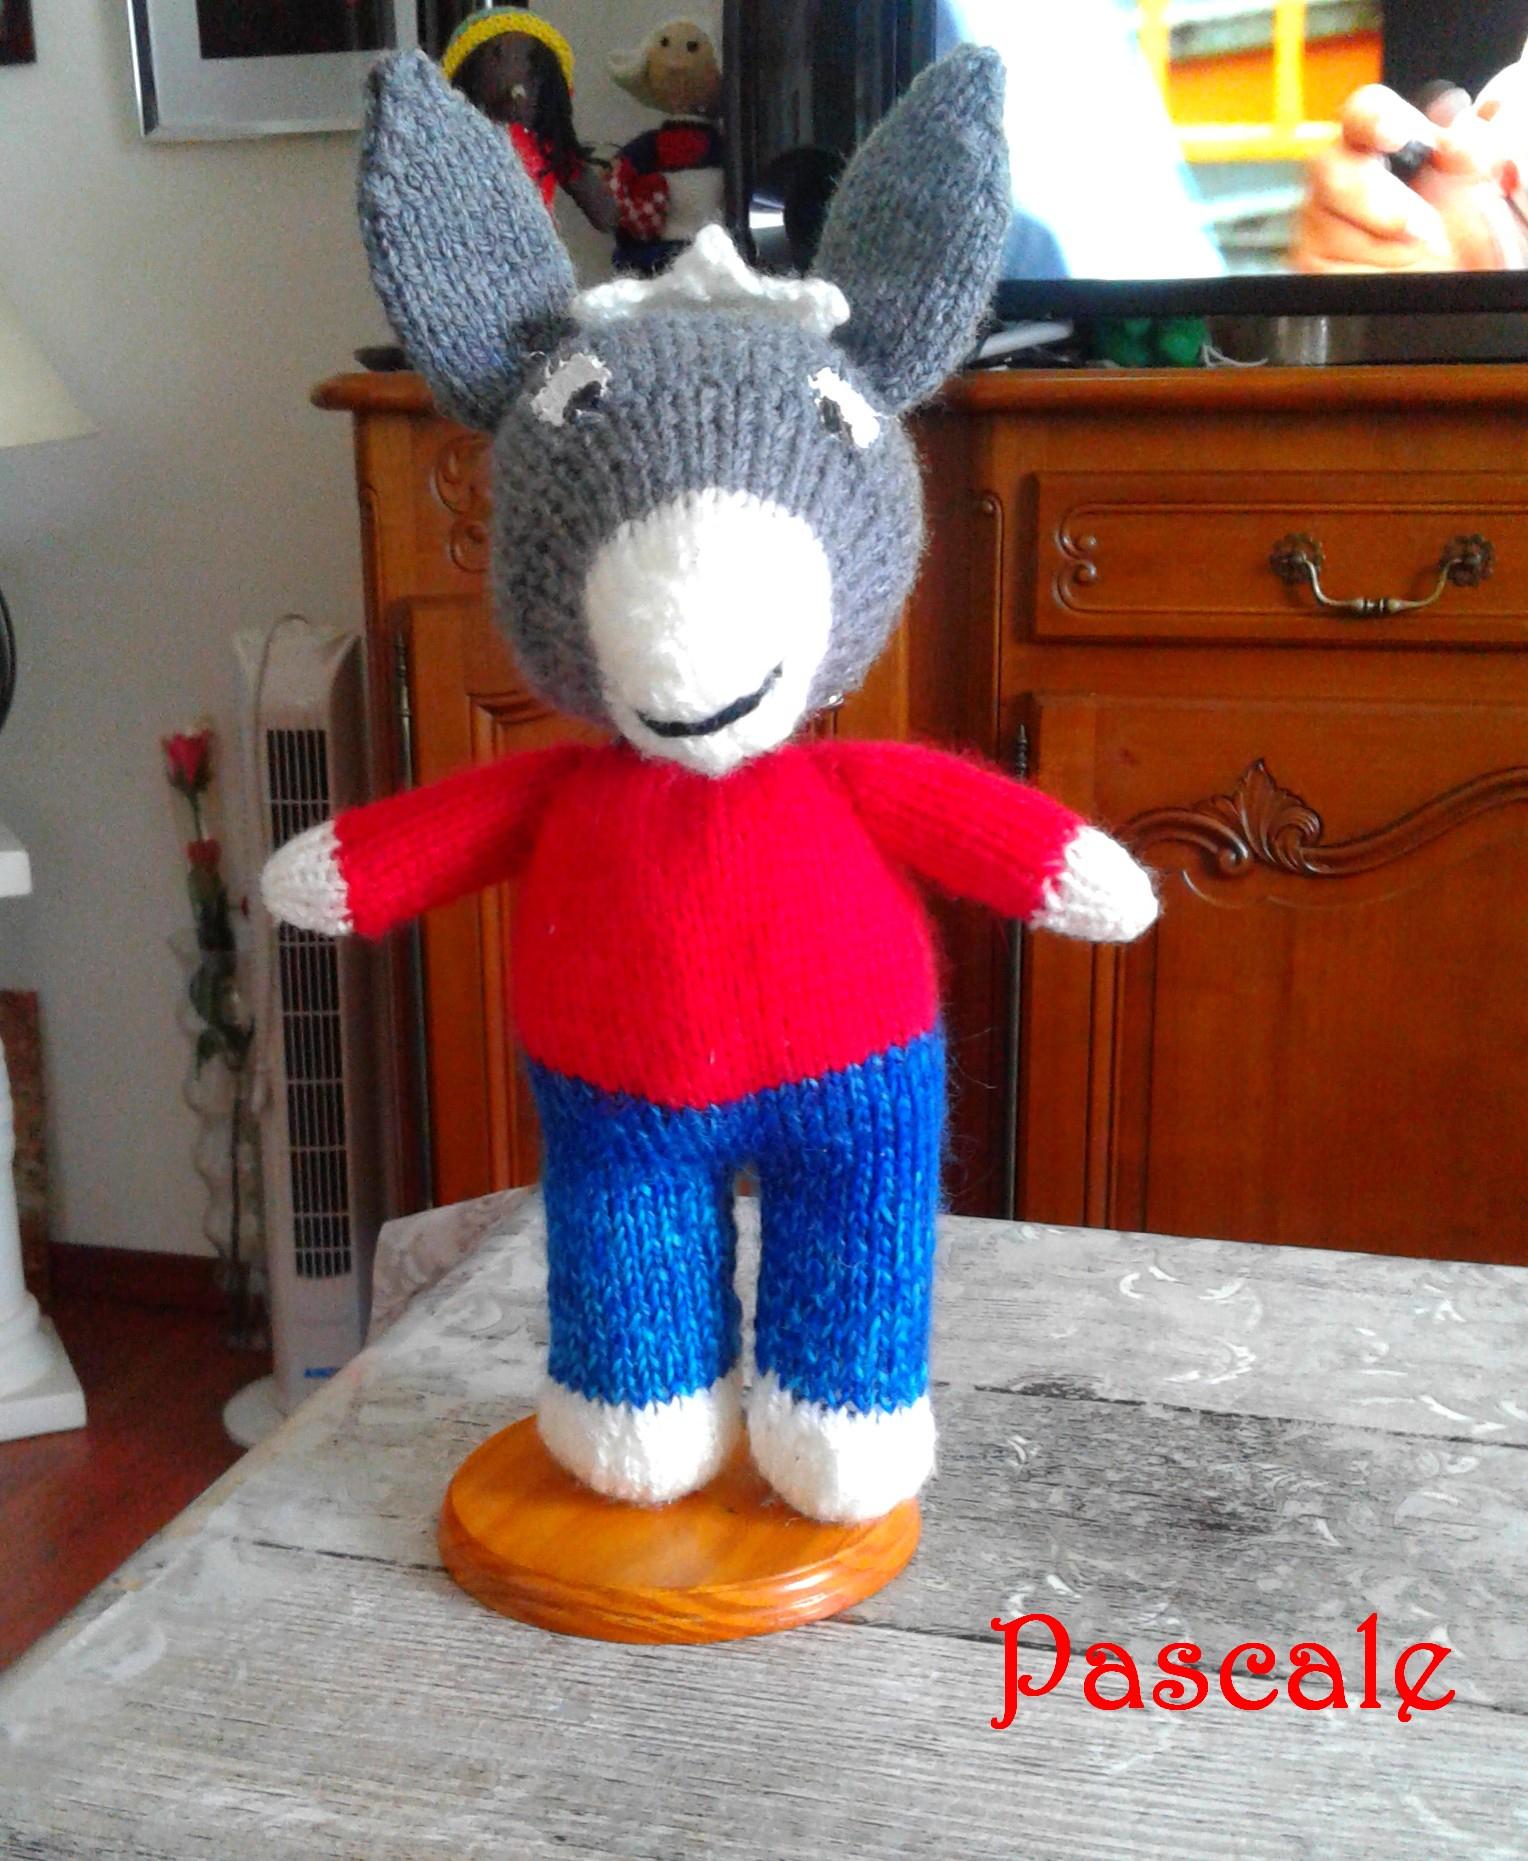 Trotro De Pascale - Tricot Créatif destiné Doudou Ane Trotro